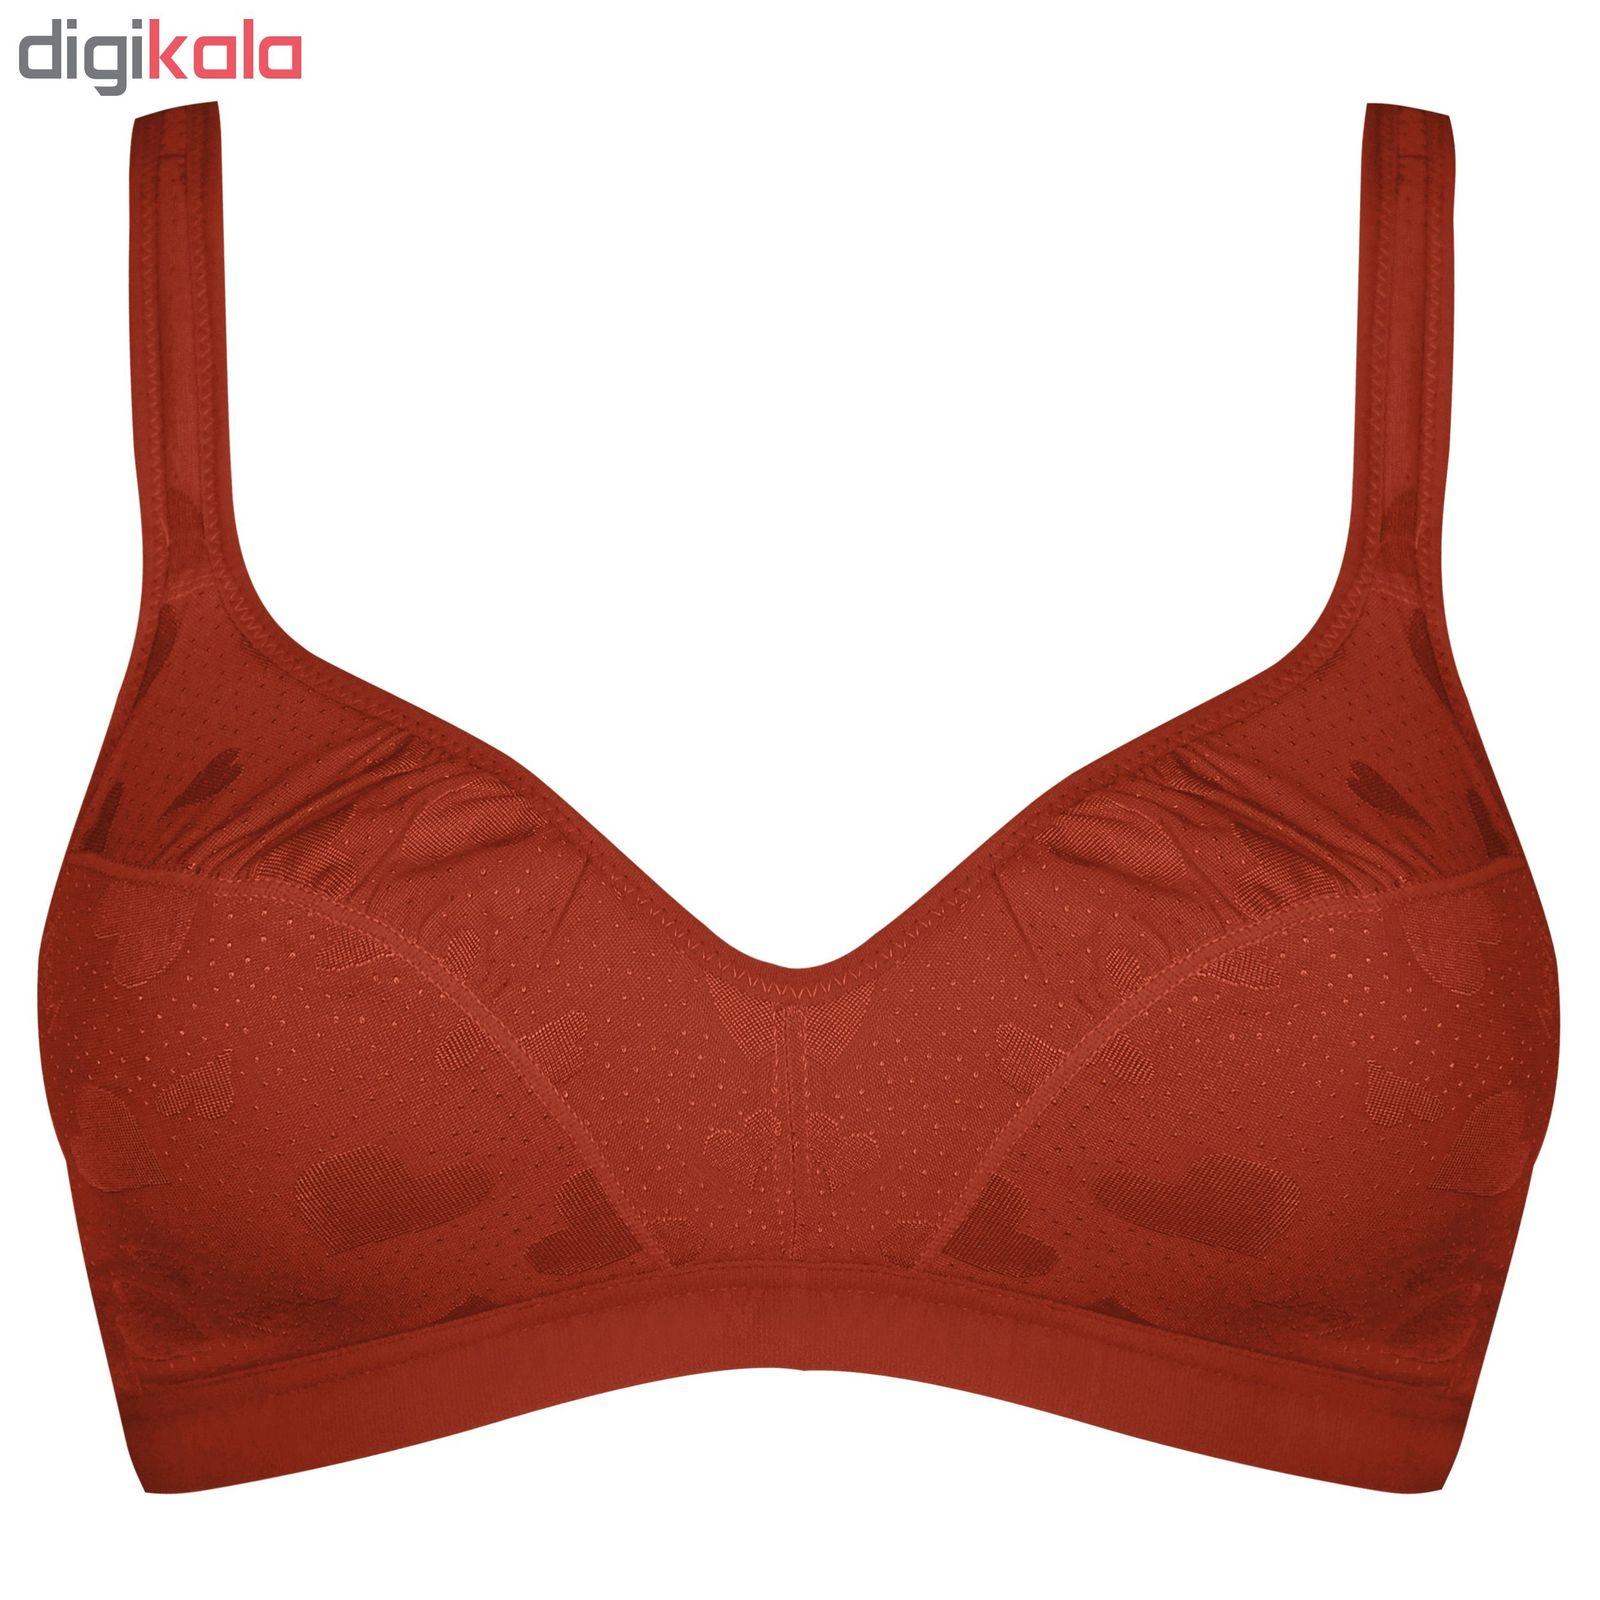 سوتین زنانه کد 3192-4 رنگ قرمز main 1 1